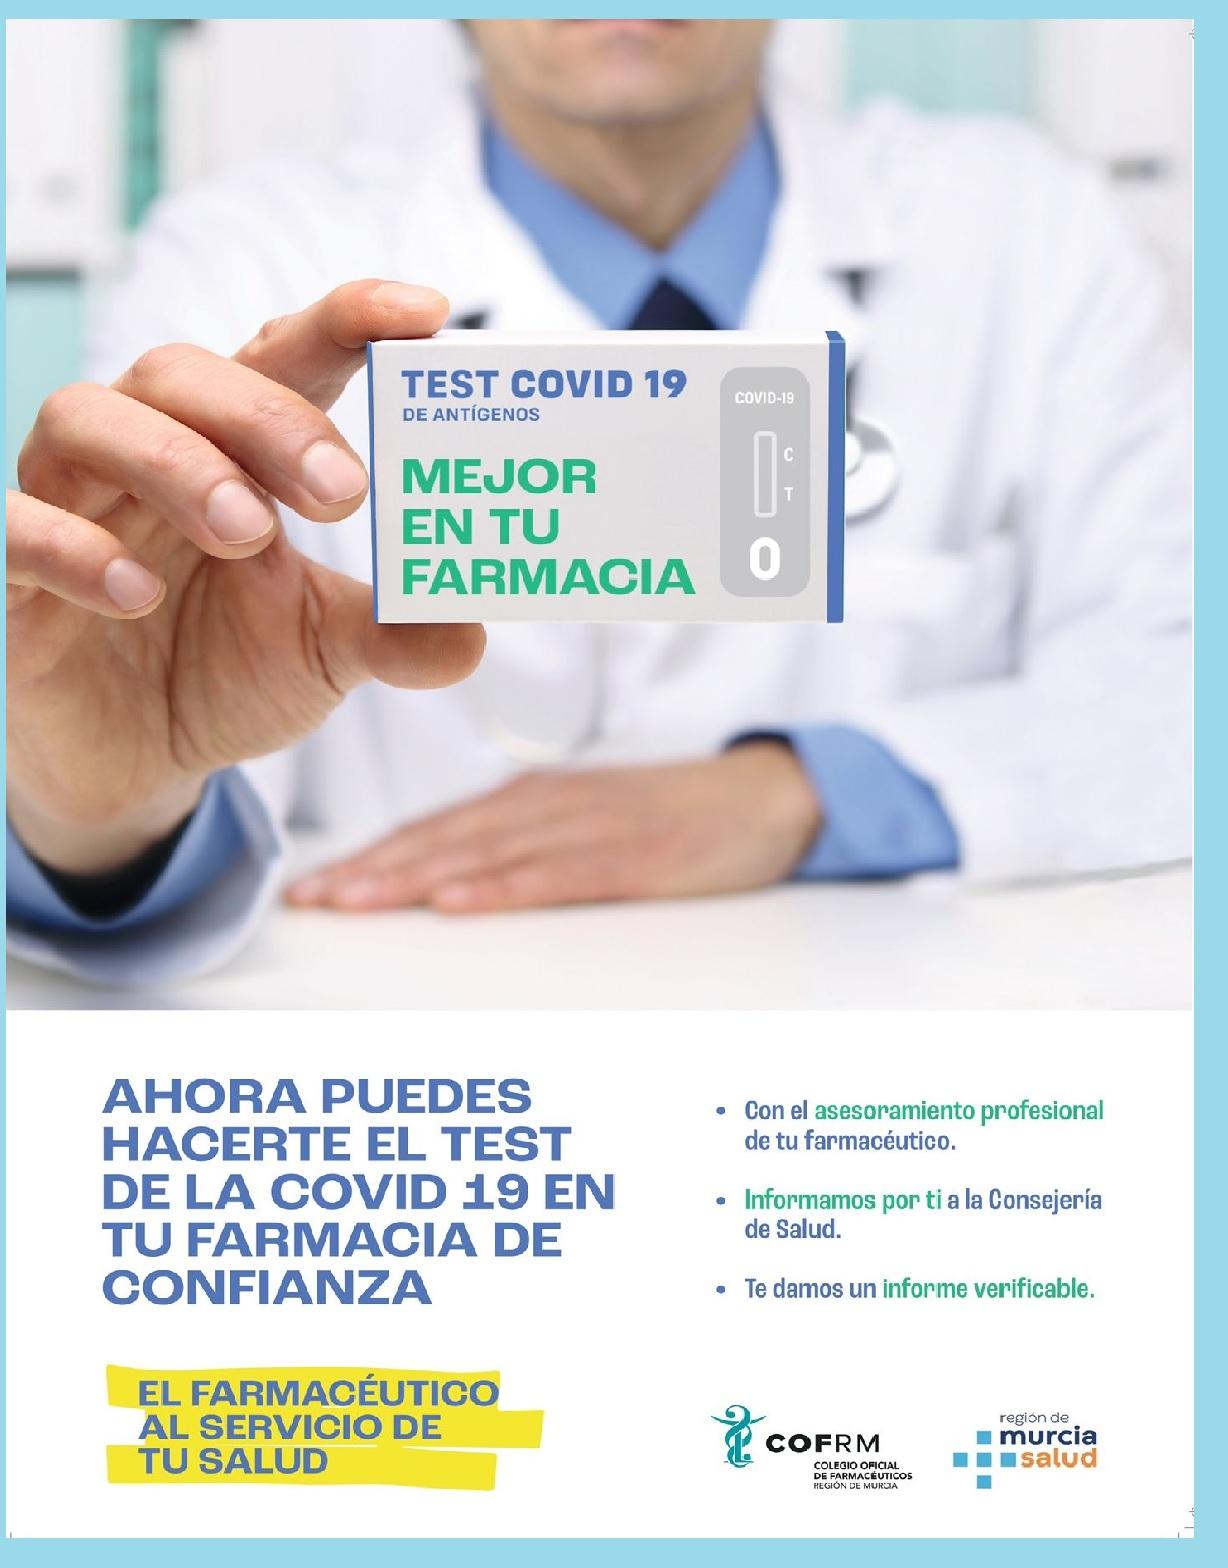 Póster de la campaña del COF de Murcia para que el ciudadano conf�e en su farmacéutico a la hora de realizar el test covid-19.